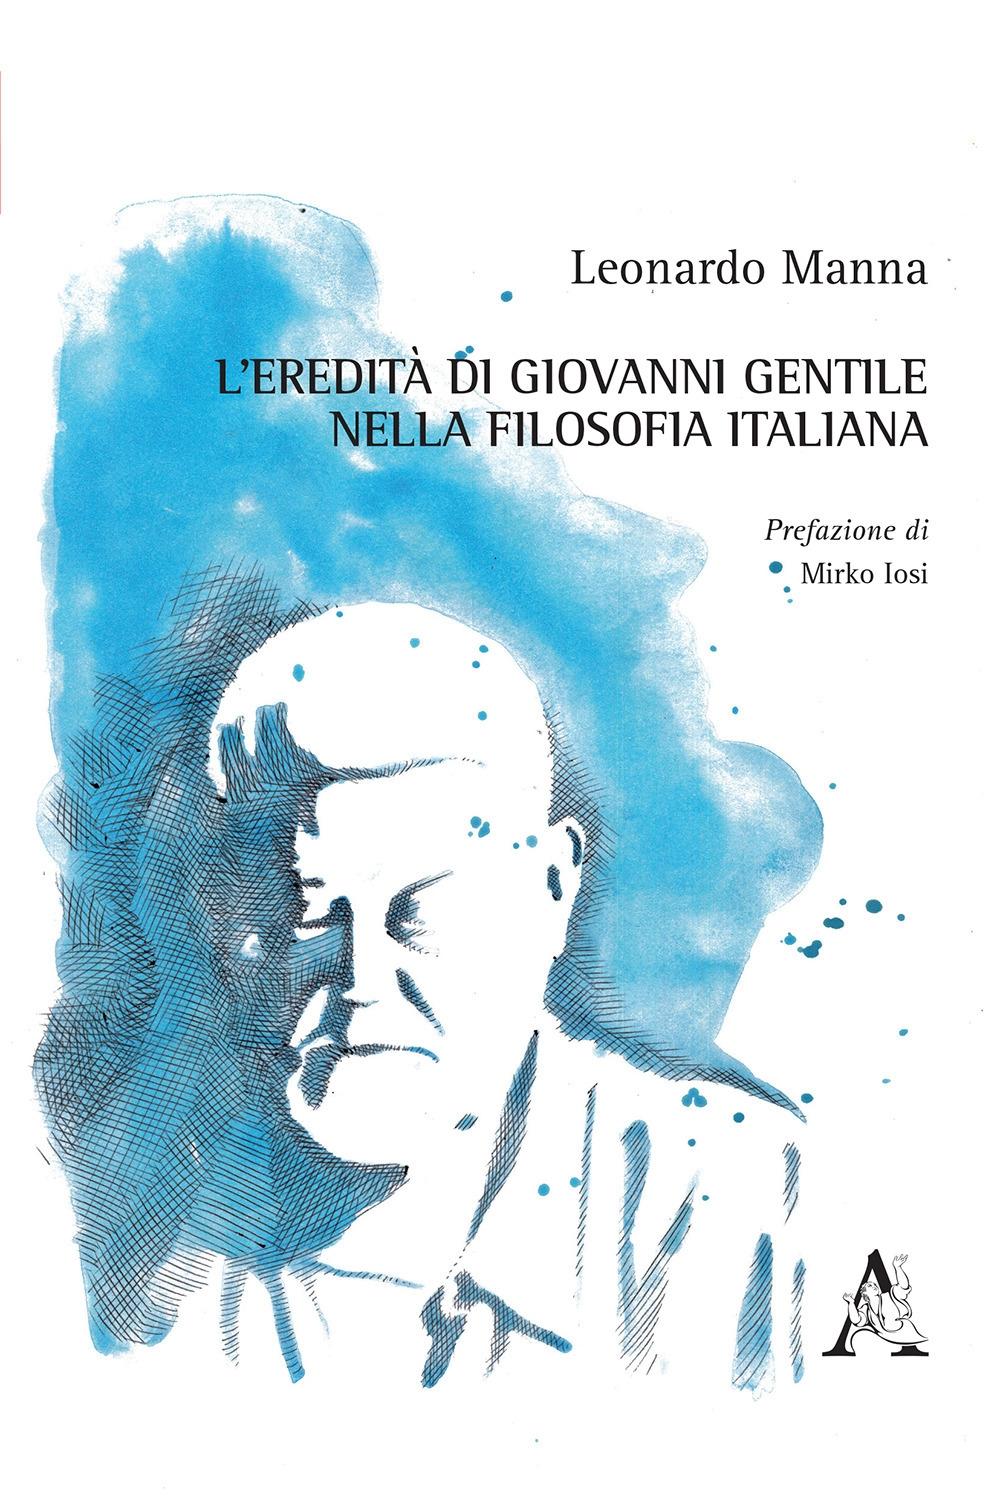 L'eredità di Giovanni Gentile nella filosofia italiana